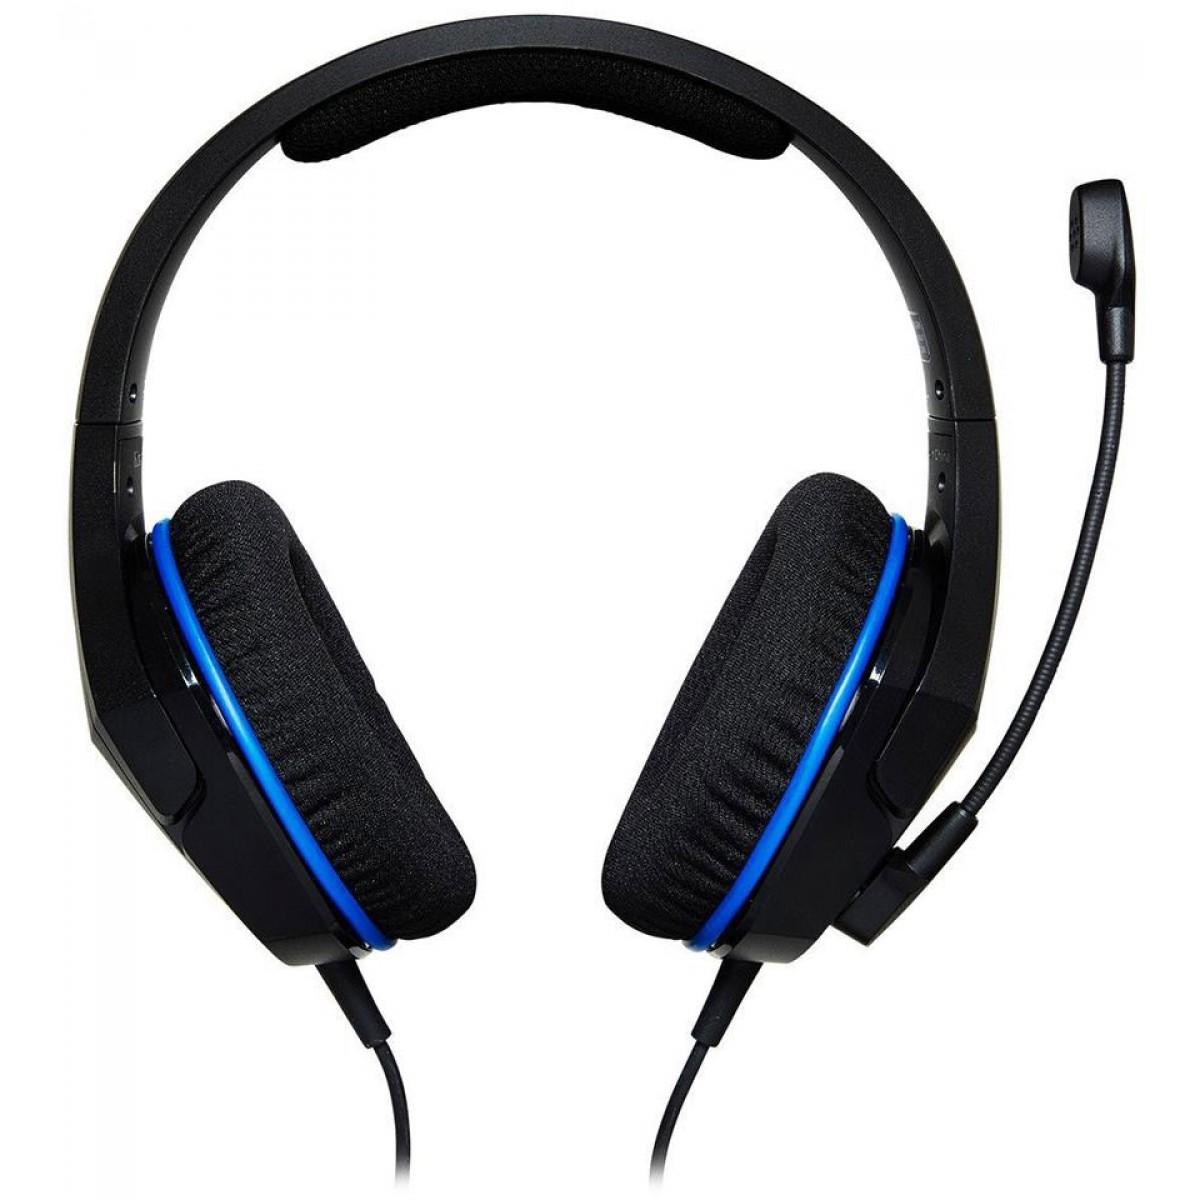 Headset HyperX Cloud Stinger Core, PS4 - Nintendo Switch, Blue, HX-HSCSC-BK